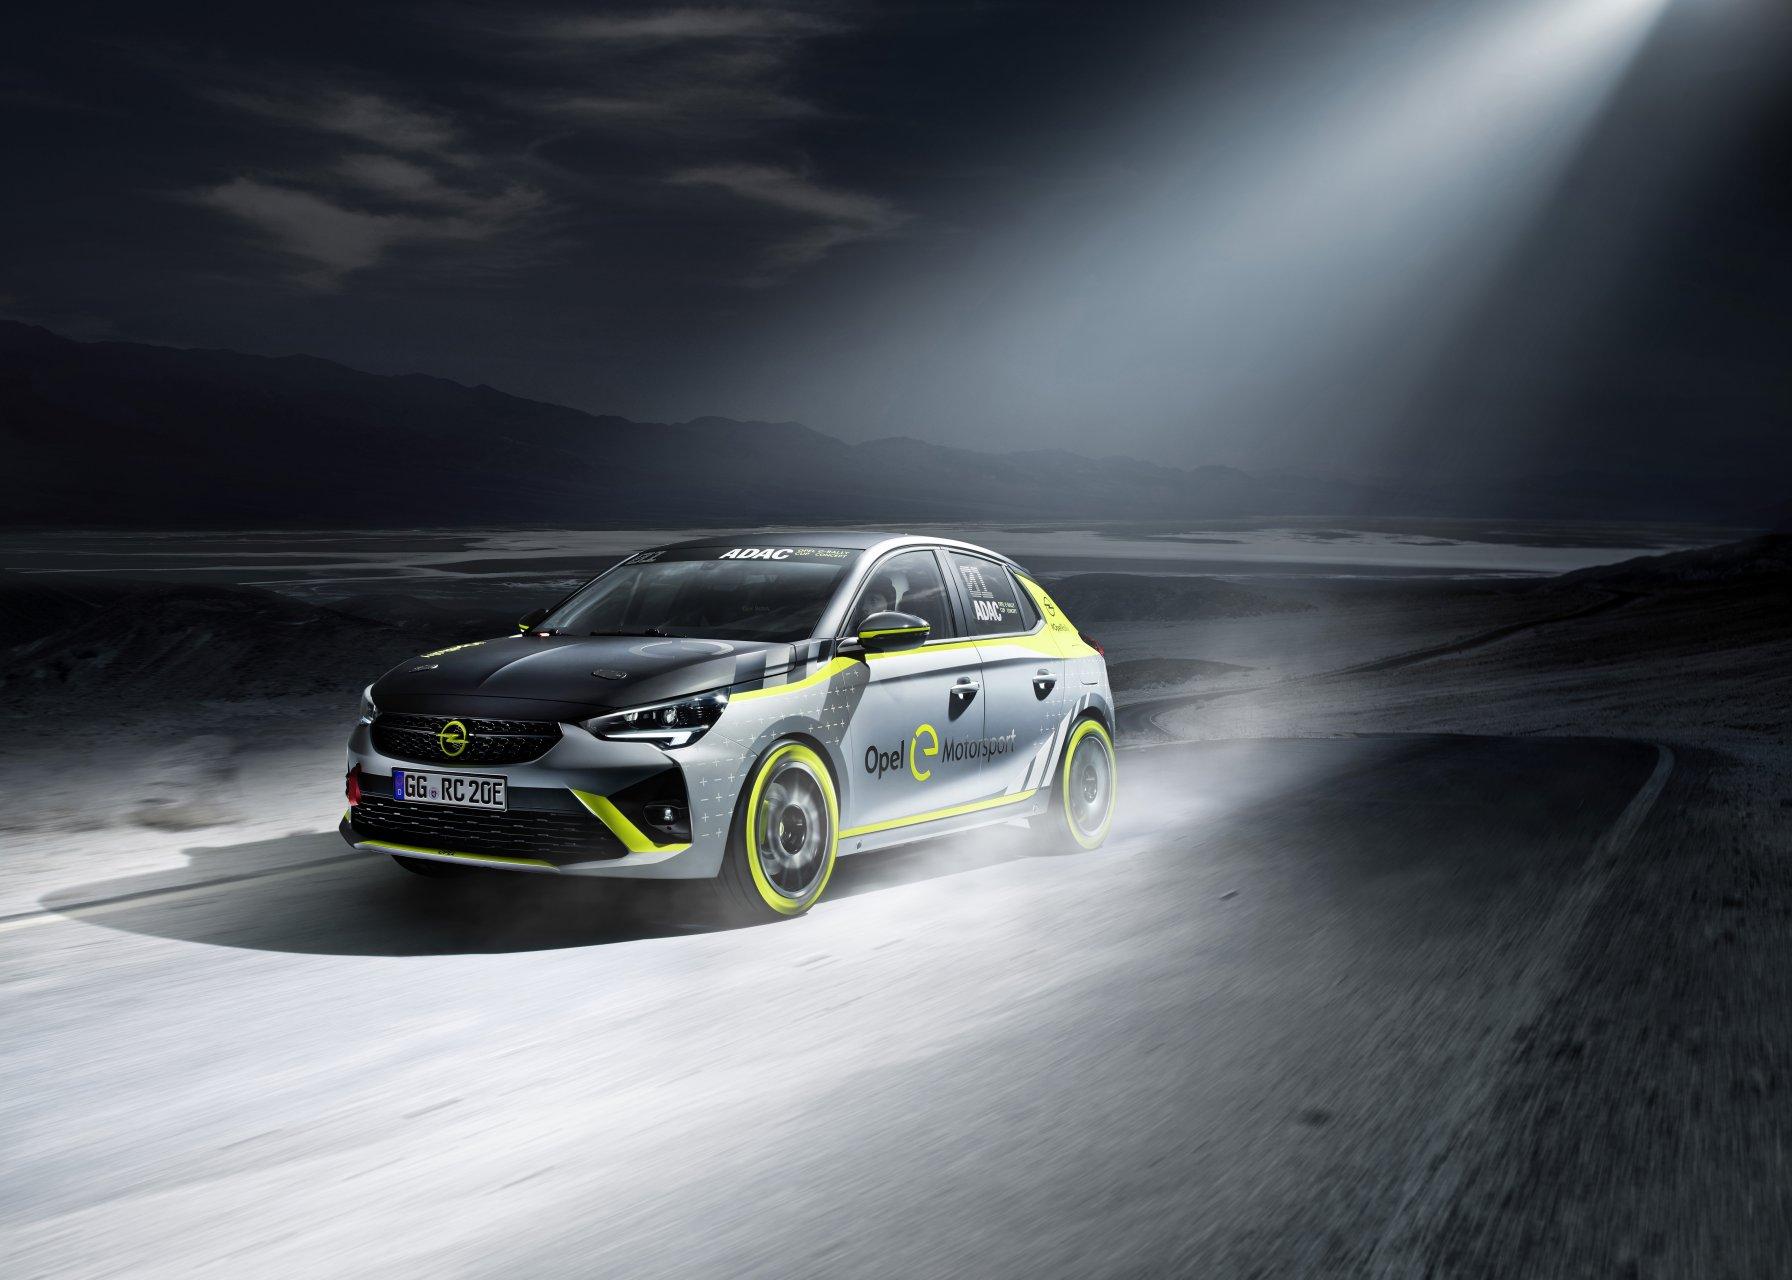 Opel Corsa e Rally 6